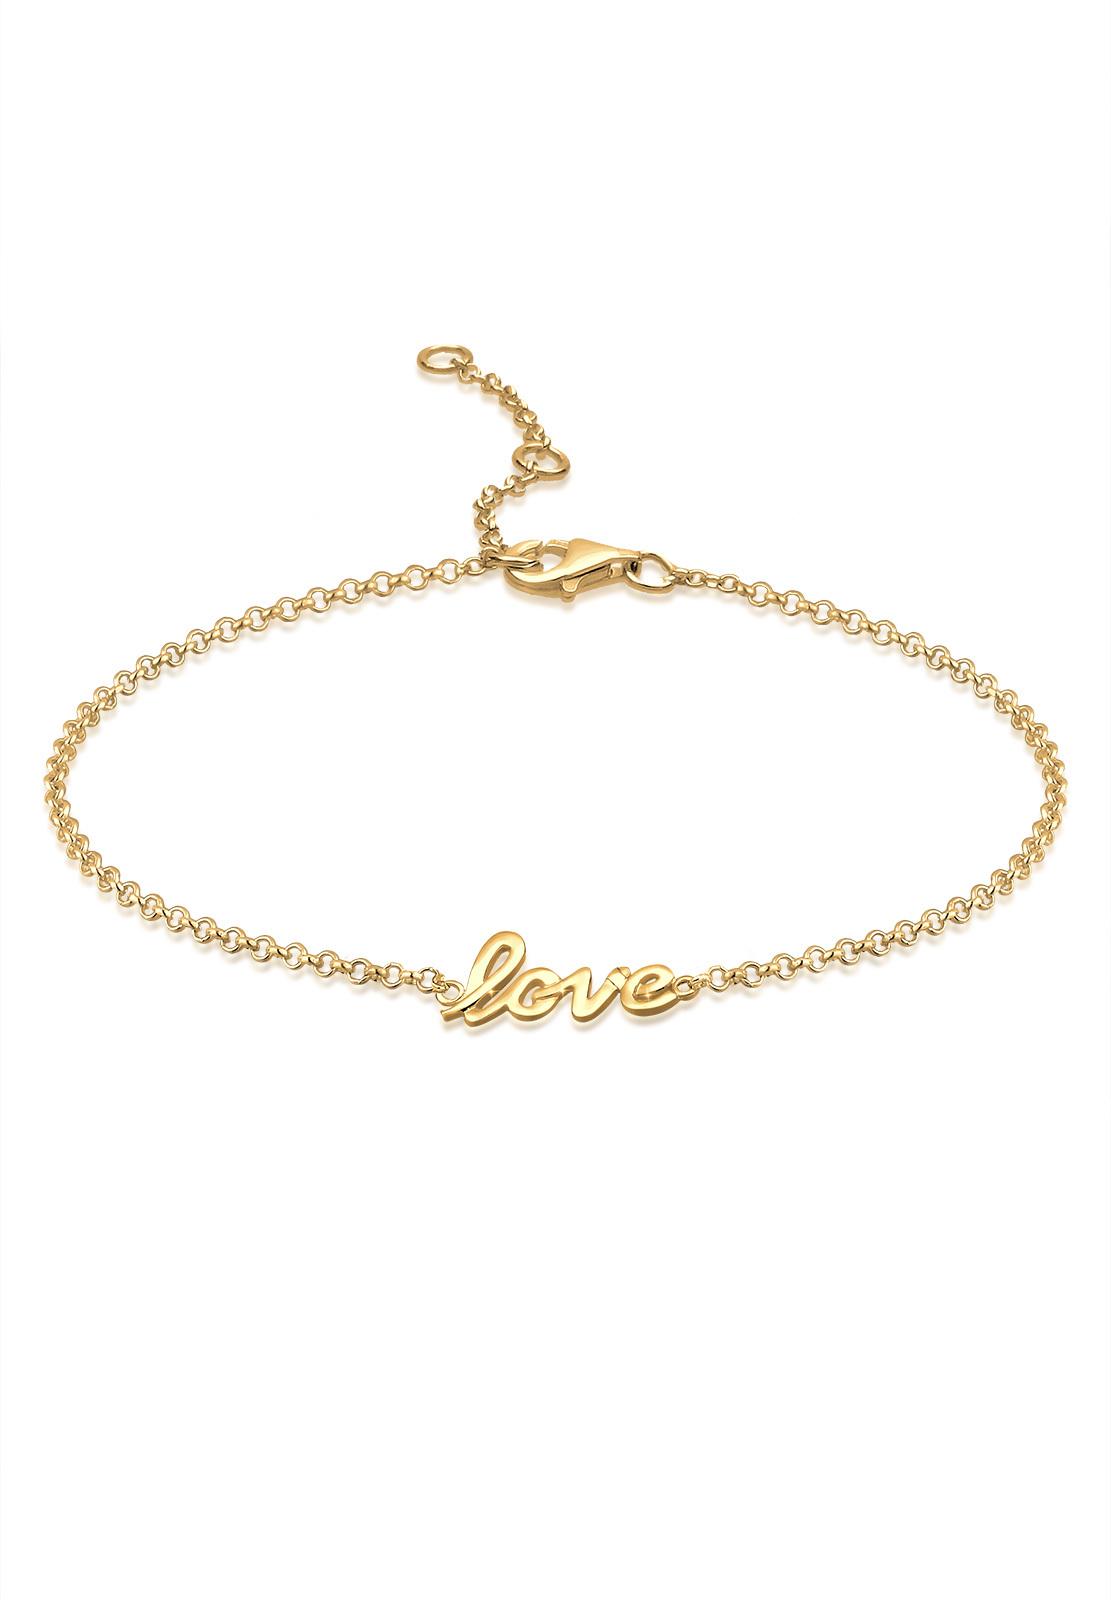 Fußkettchen Love   925 Sterling Silber vergoldet